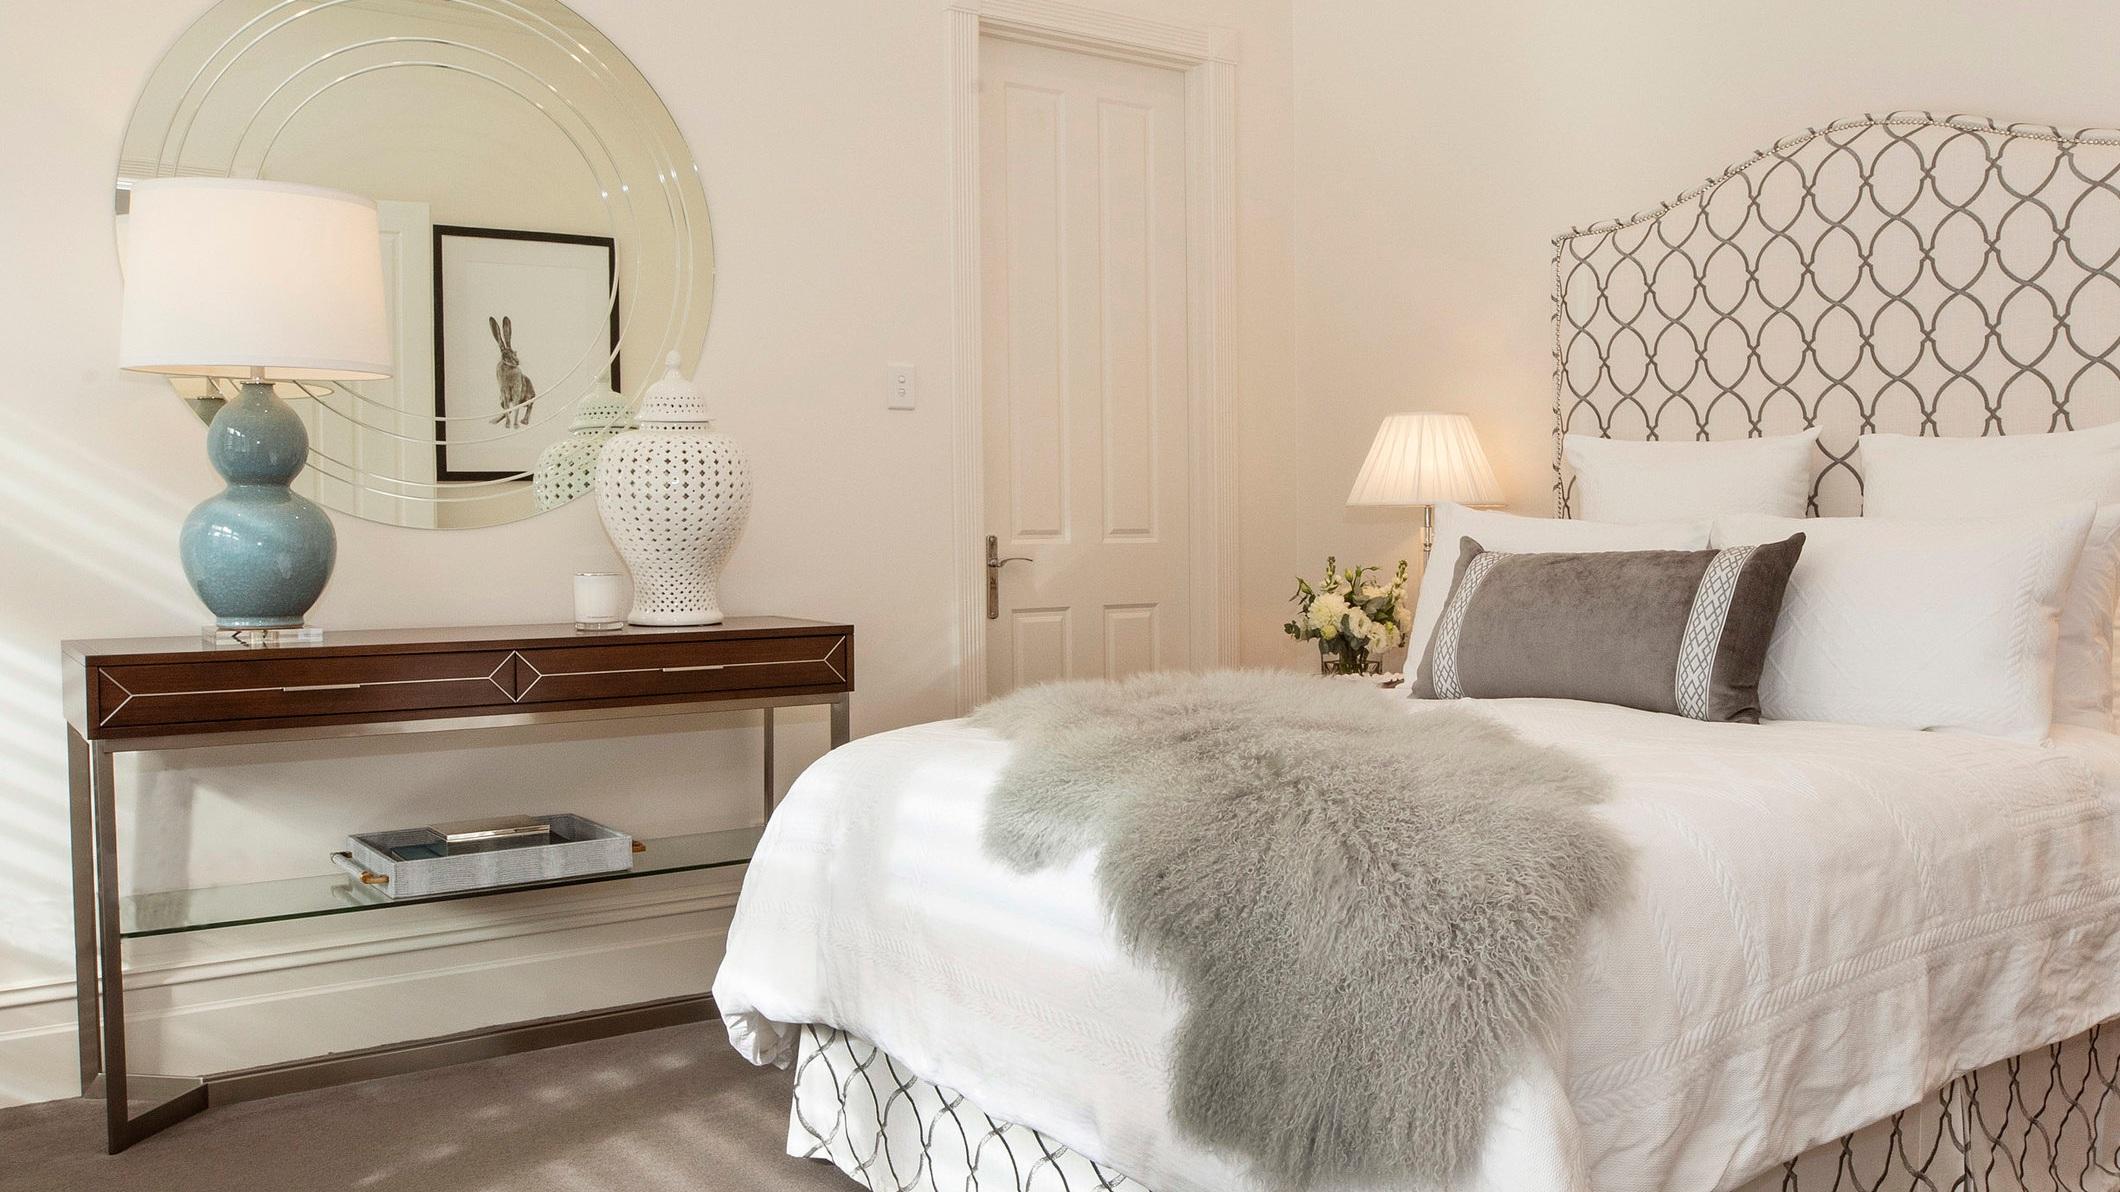 Carrie+Deverson+Interiors_+Main+Bedroom+Walkerville.jpg